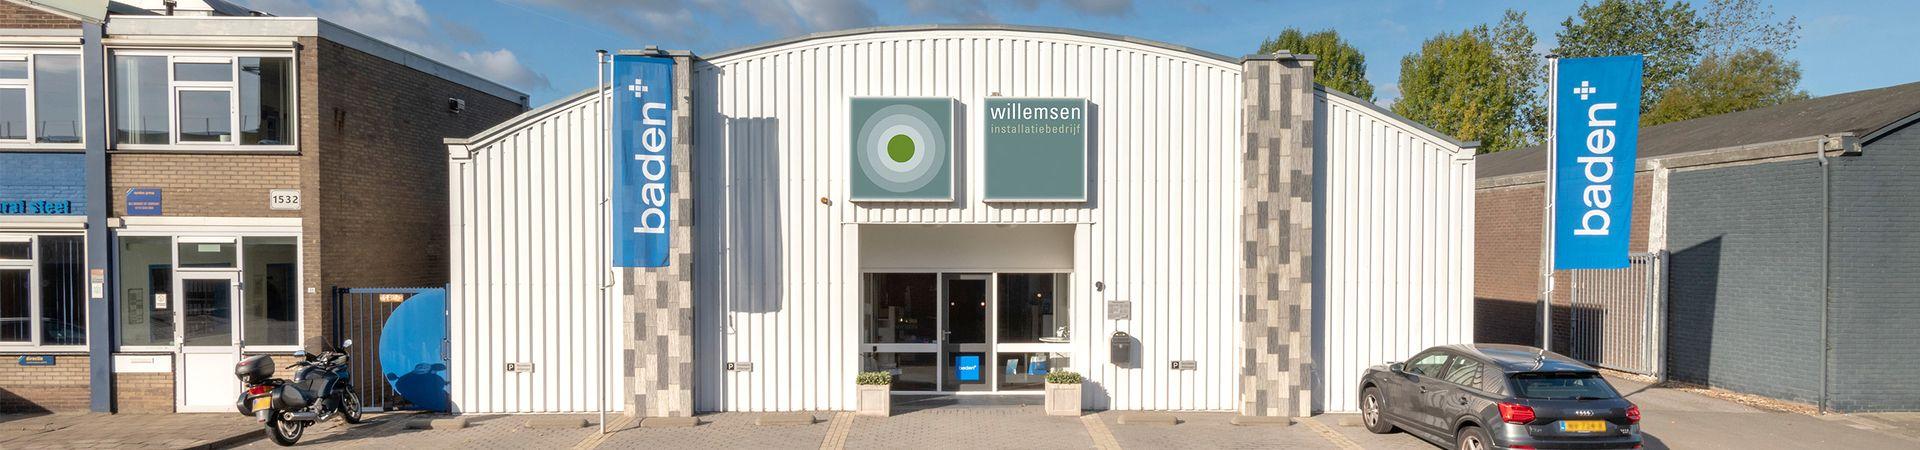 Willemsen Installatiebedrijf - Willemsen Installatiebedrijf